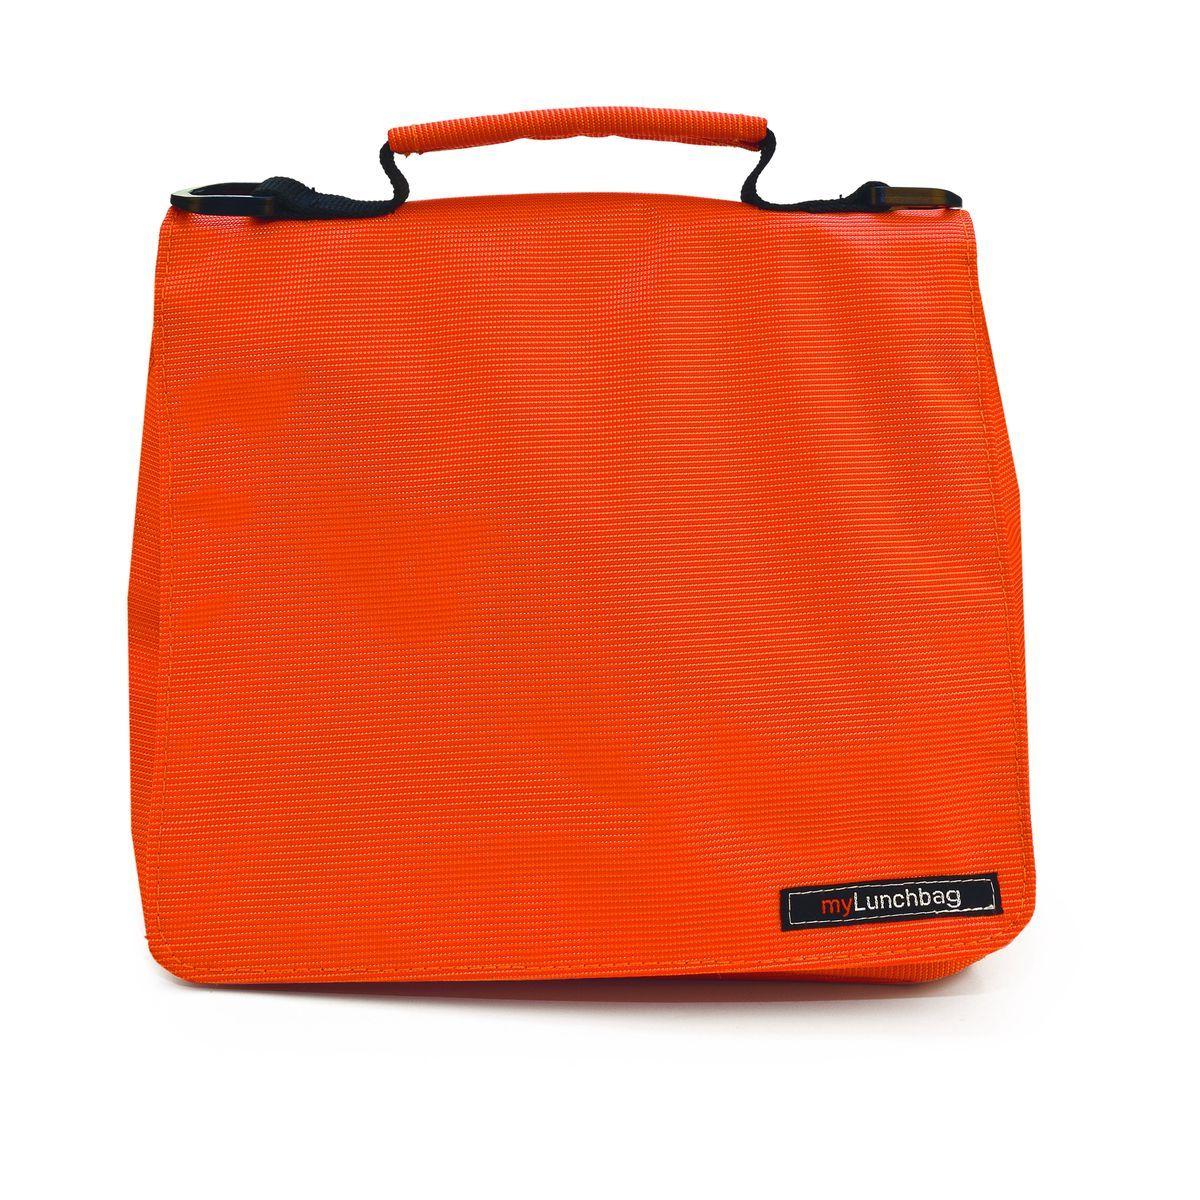 Термо ланч-бокс Iris SMART MyLunchbag, цвет: оранжевый21395599ТермоЛанчбокс SMART MyLunchbag?.?Отлично сохраняет свежесть и вкус продукта на несколько часов. Пригодится везде: на прогулке, на работе, учебе и т.д. С ним легко справится даже ребенок! Легко складывается до небольших размеров. Присутствует удобный кармашек для аксессуаров и регулируемый ремень для переноски (в одной руке или на плече).Рекомендуется регулярно стирать вручную в теплой воде с мылом.Сделан из полиэстера